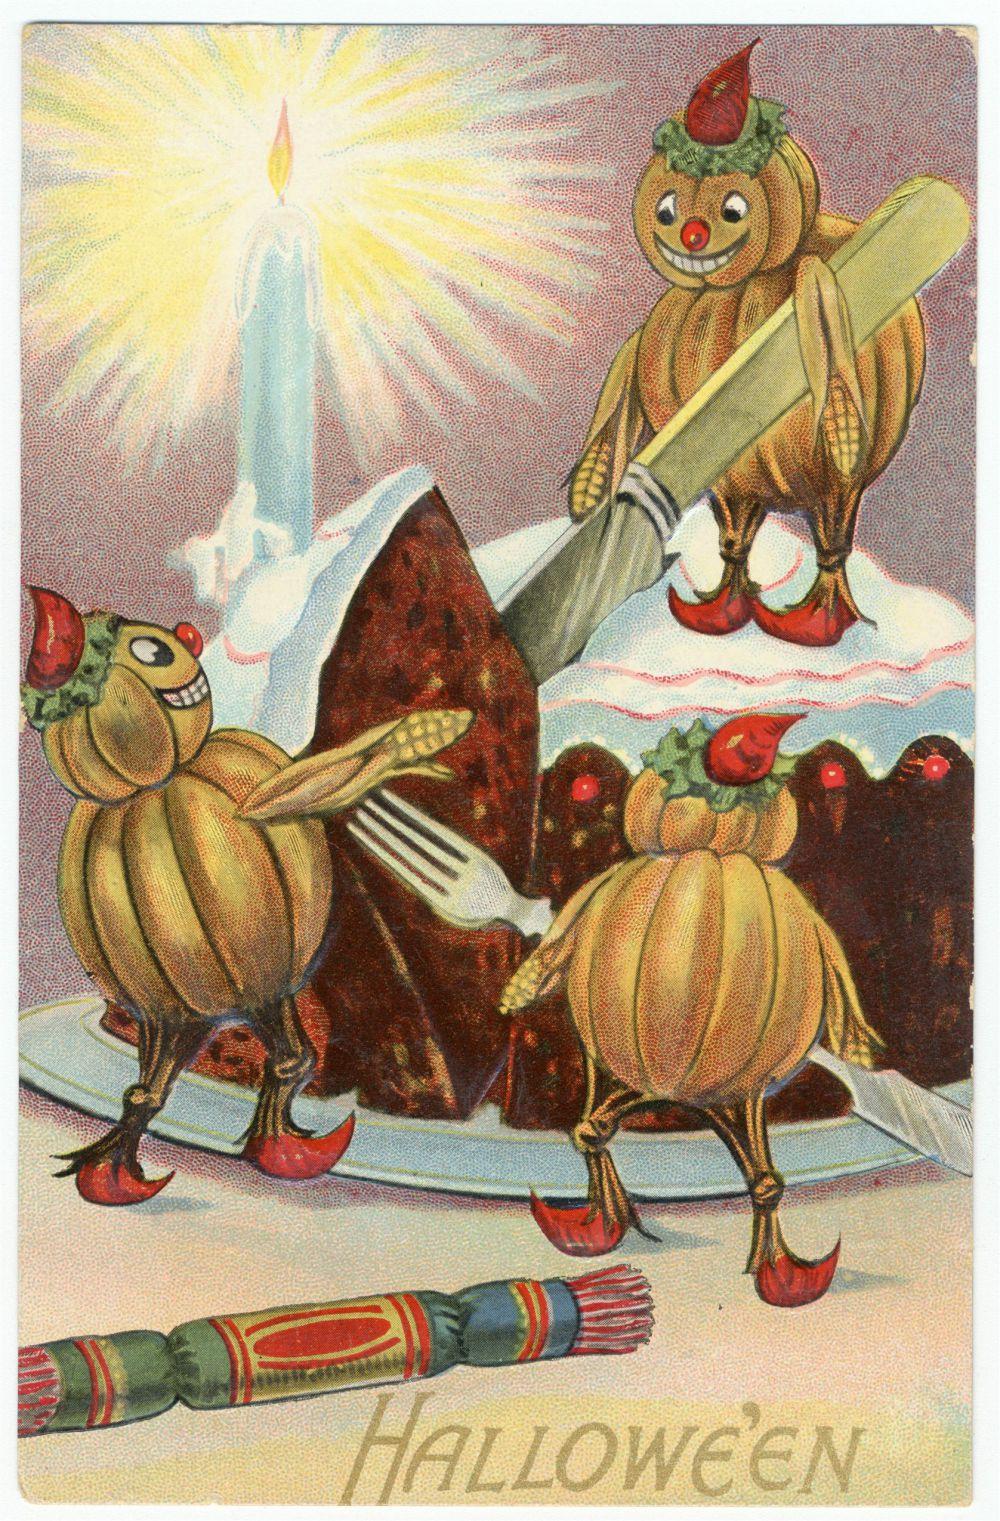 Тыквы, торт, крекеры и свечи – все атрибуты Хэллоуина